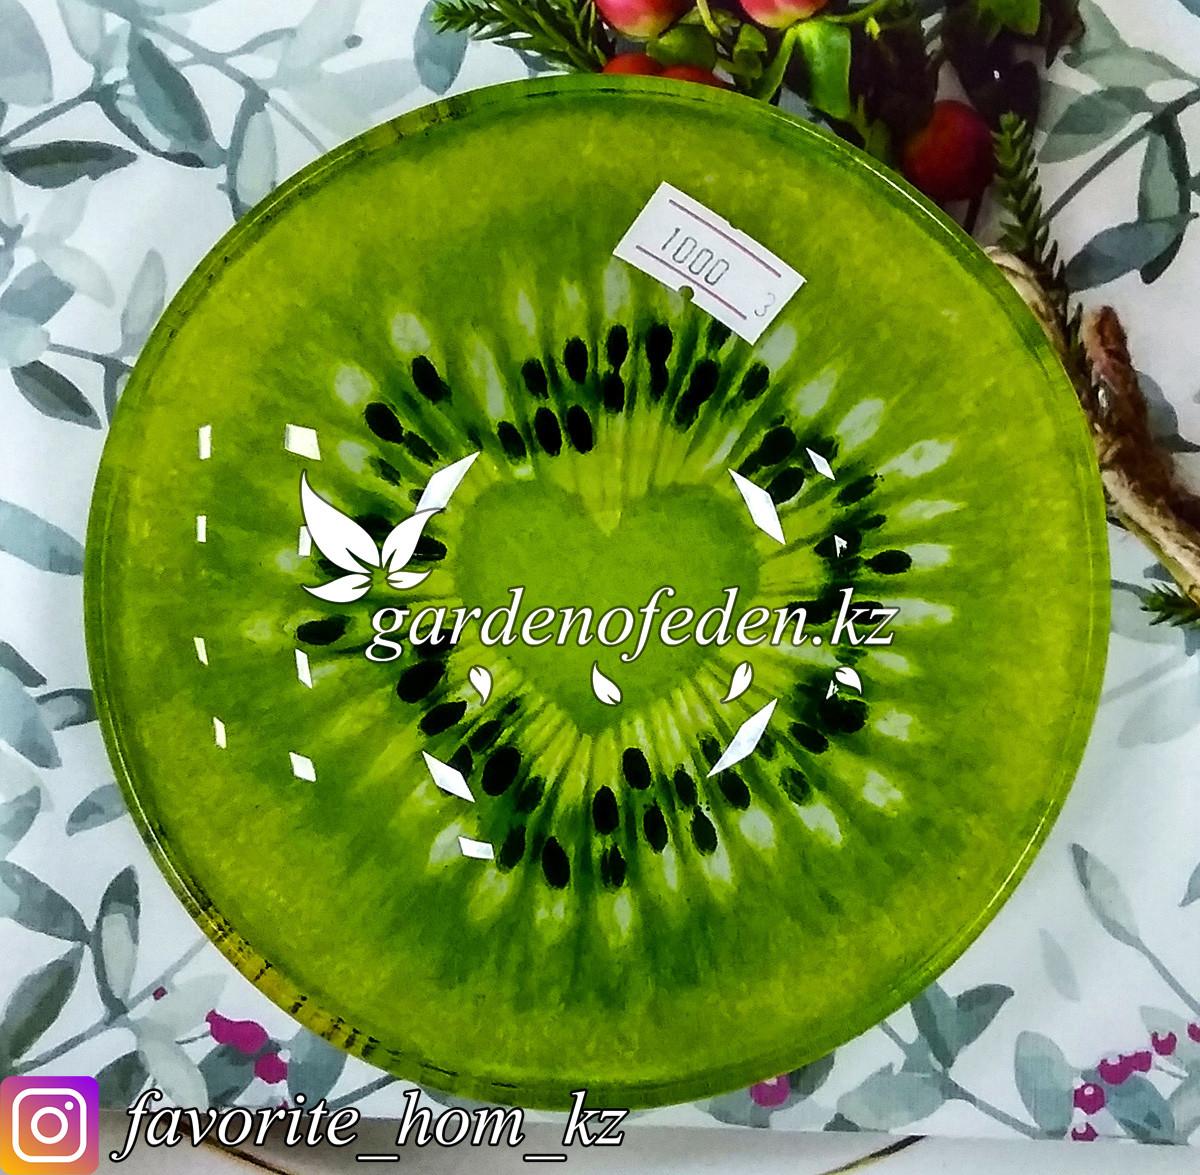 Блюдце стеклянное, с узором. Цвет: Зеленый. Материал: Стекло.